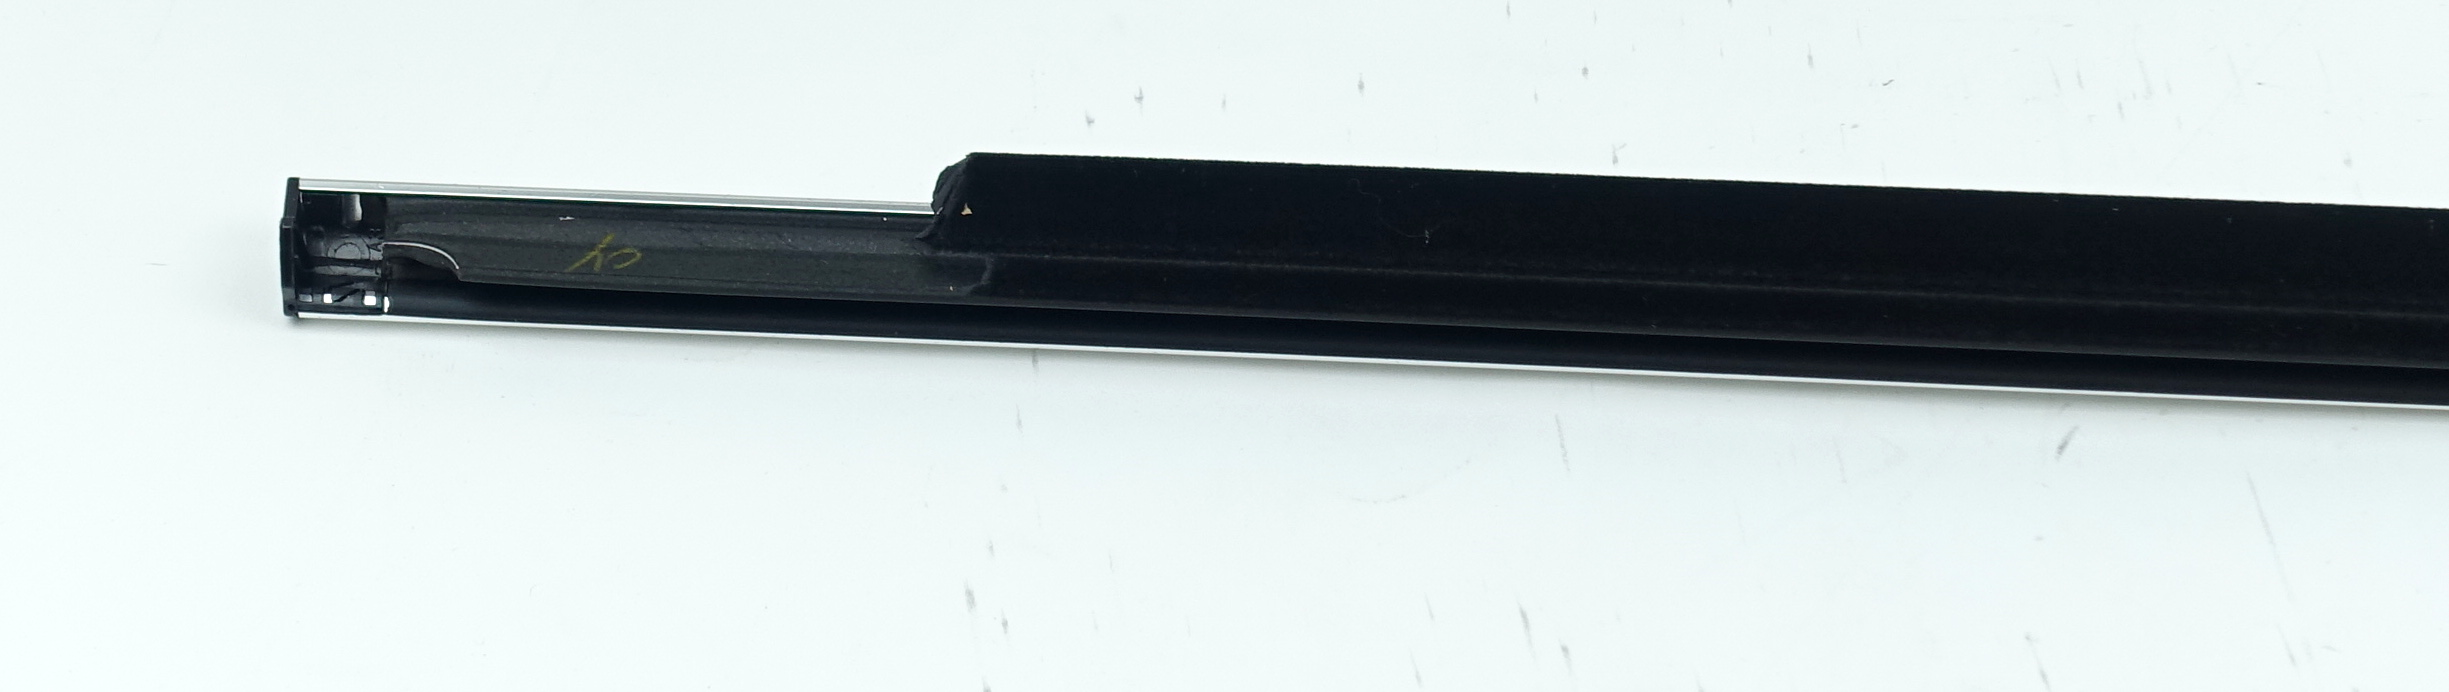 New OEM 95980302 GM Front Door Window Sweep Belt Molding Weatherstrip Left - image 10